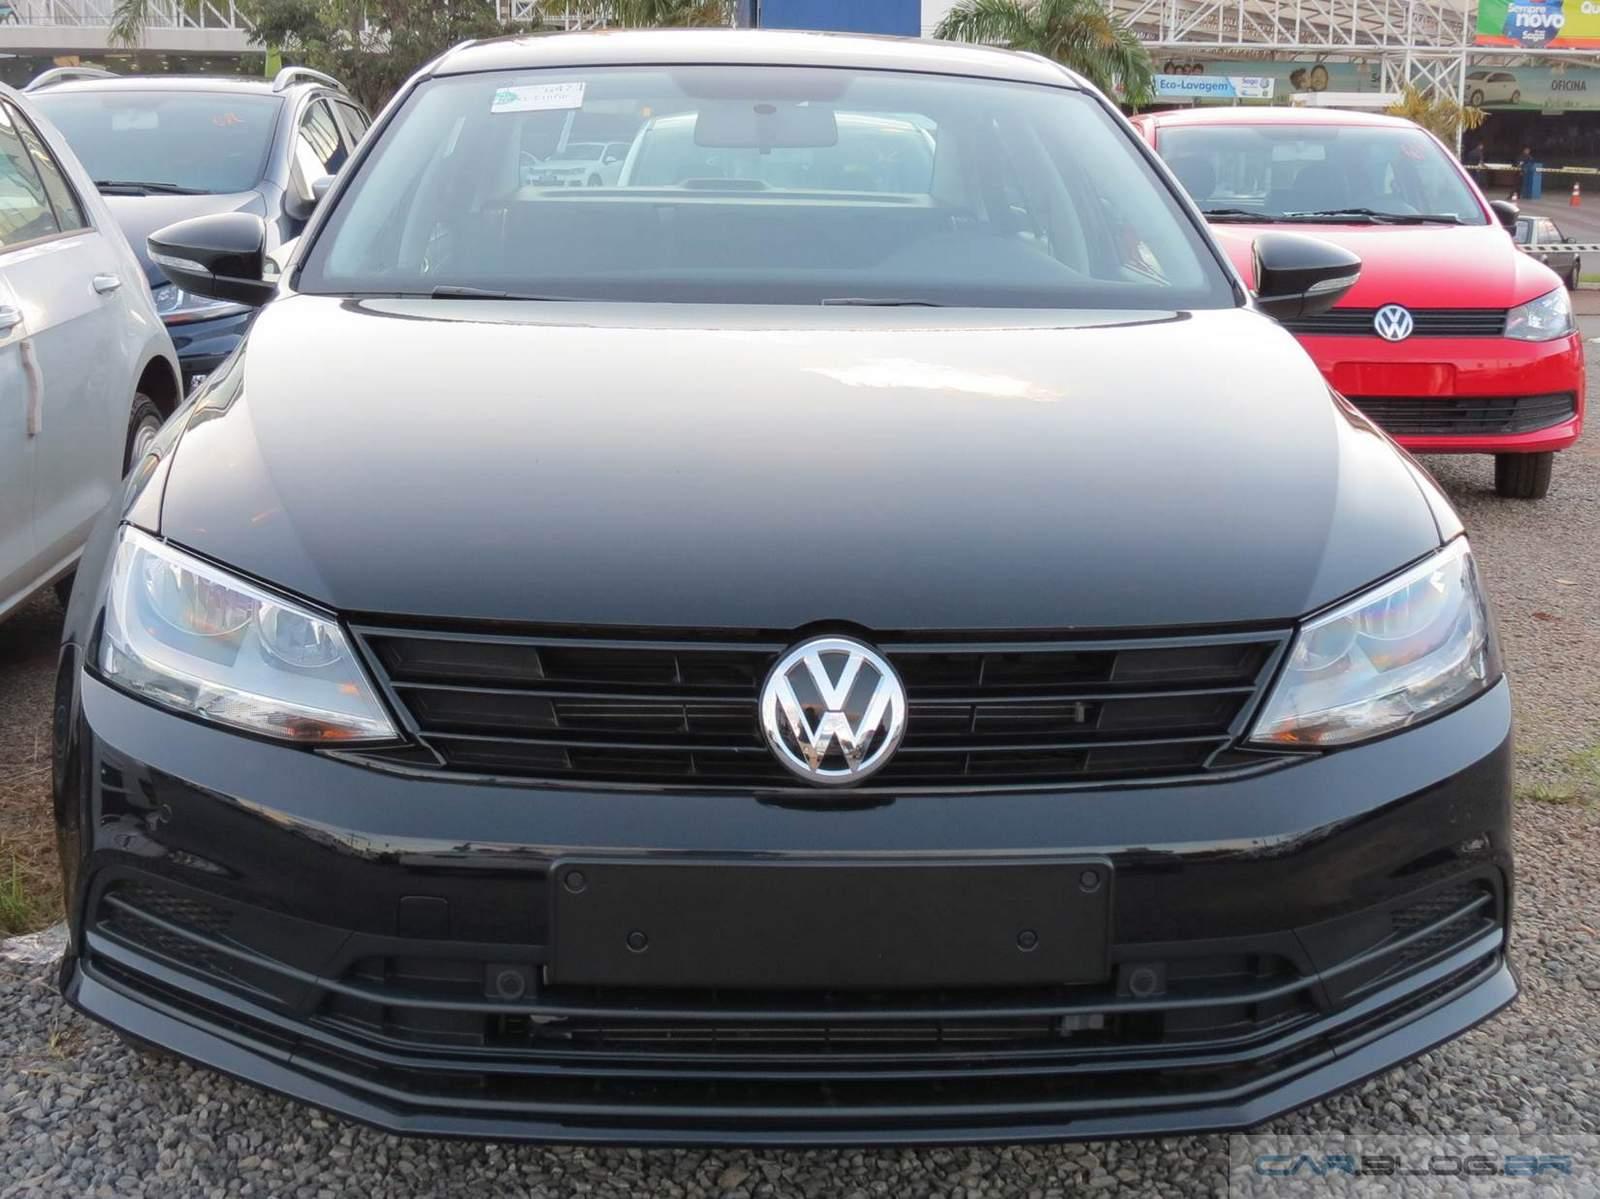 Novo VW Jetta 2015 Trendline